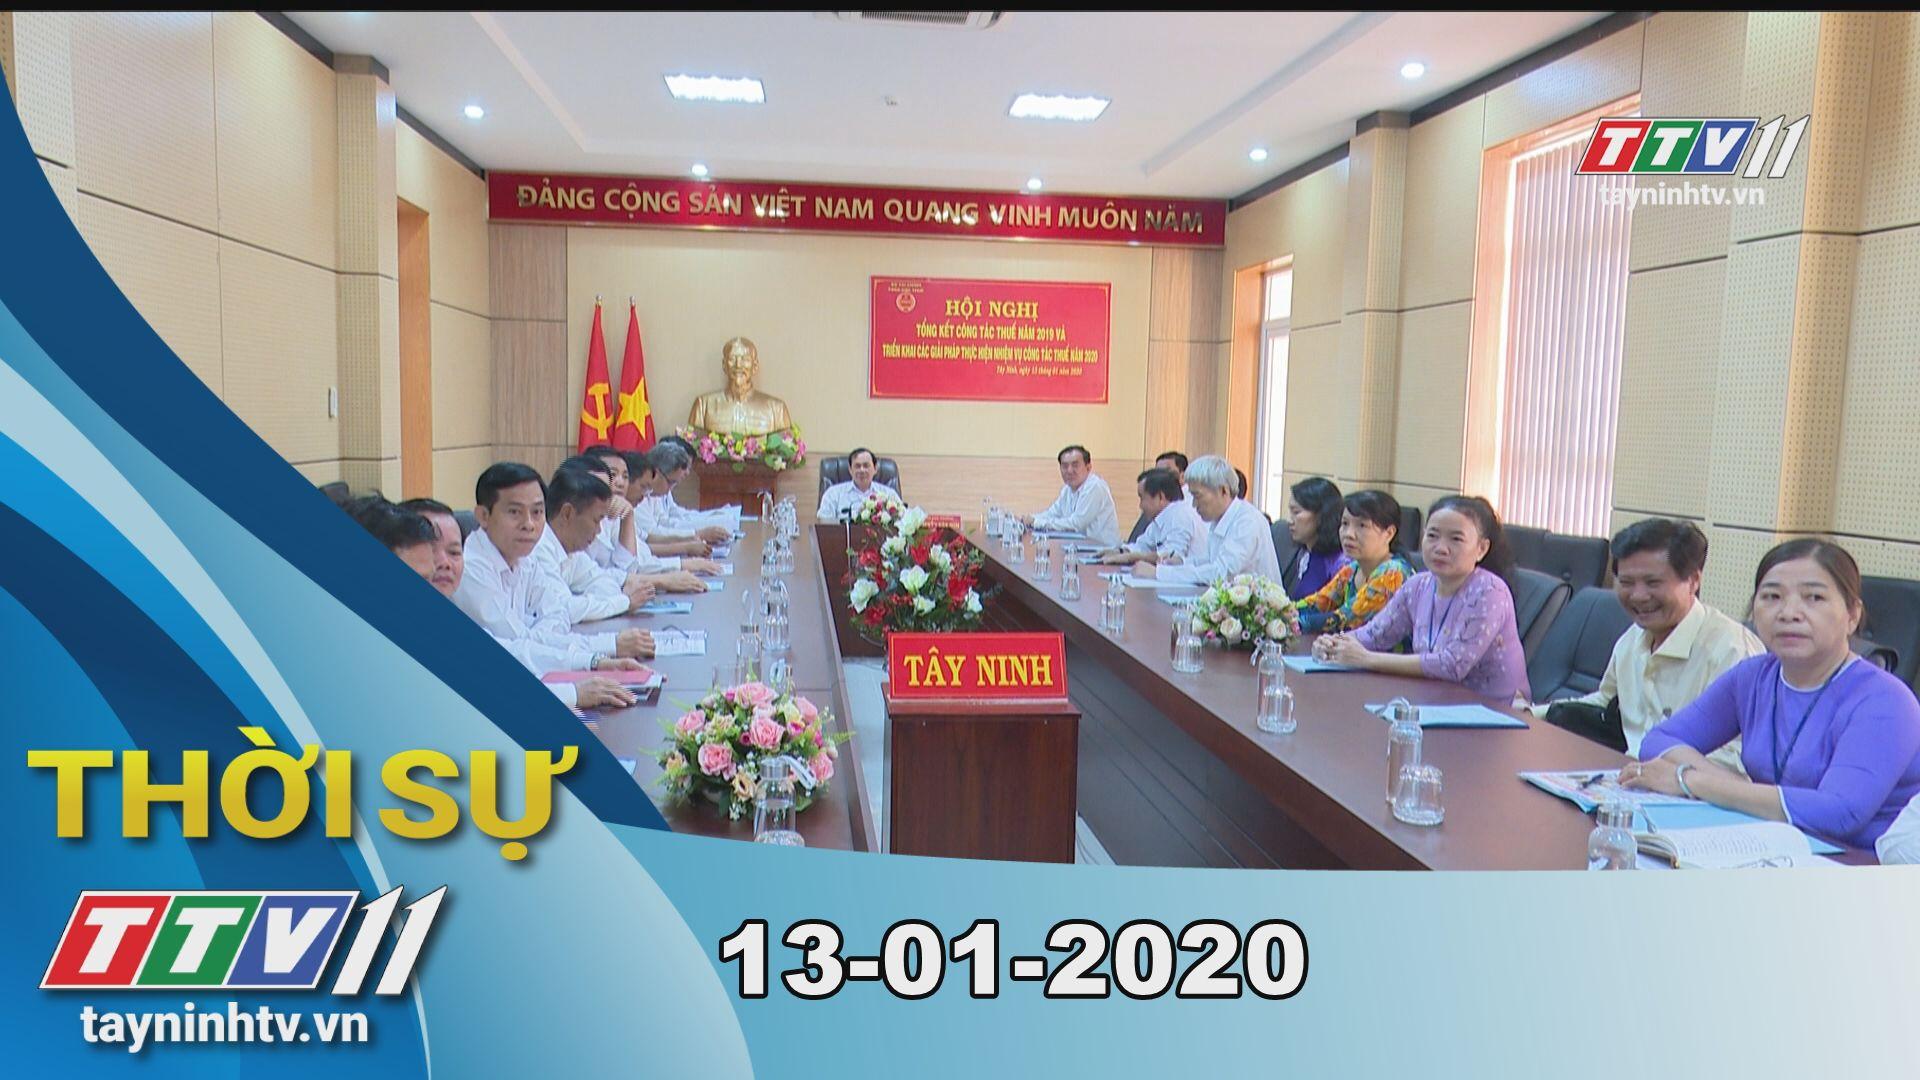 Thời sự Tây Ninh 13-01-2020 | Tin tức hôm nay | TayNinhTV